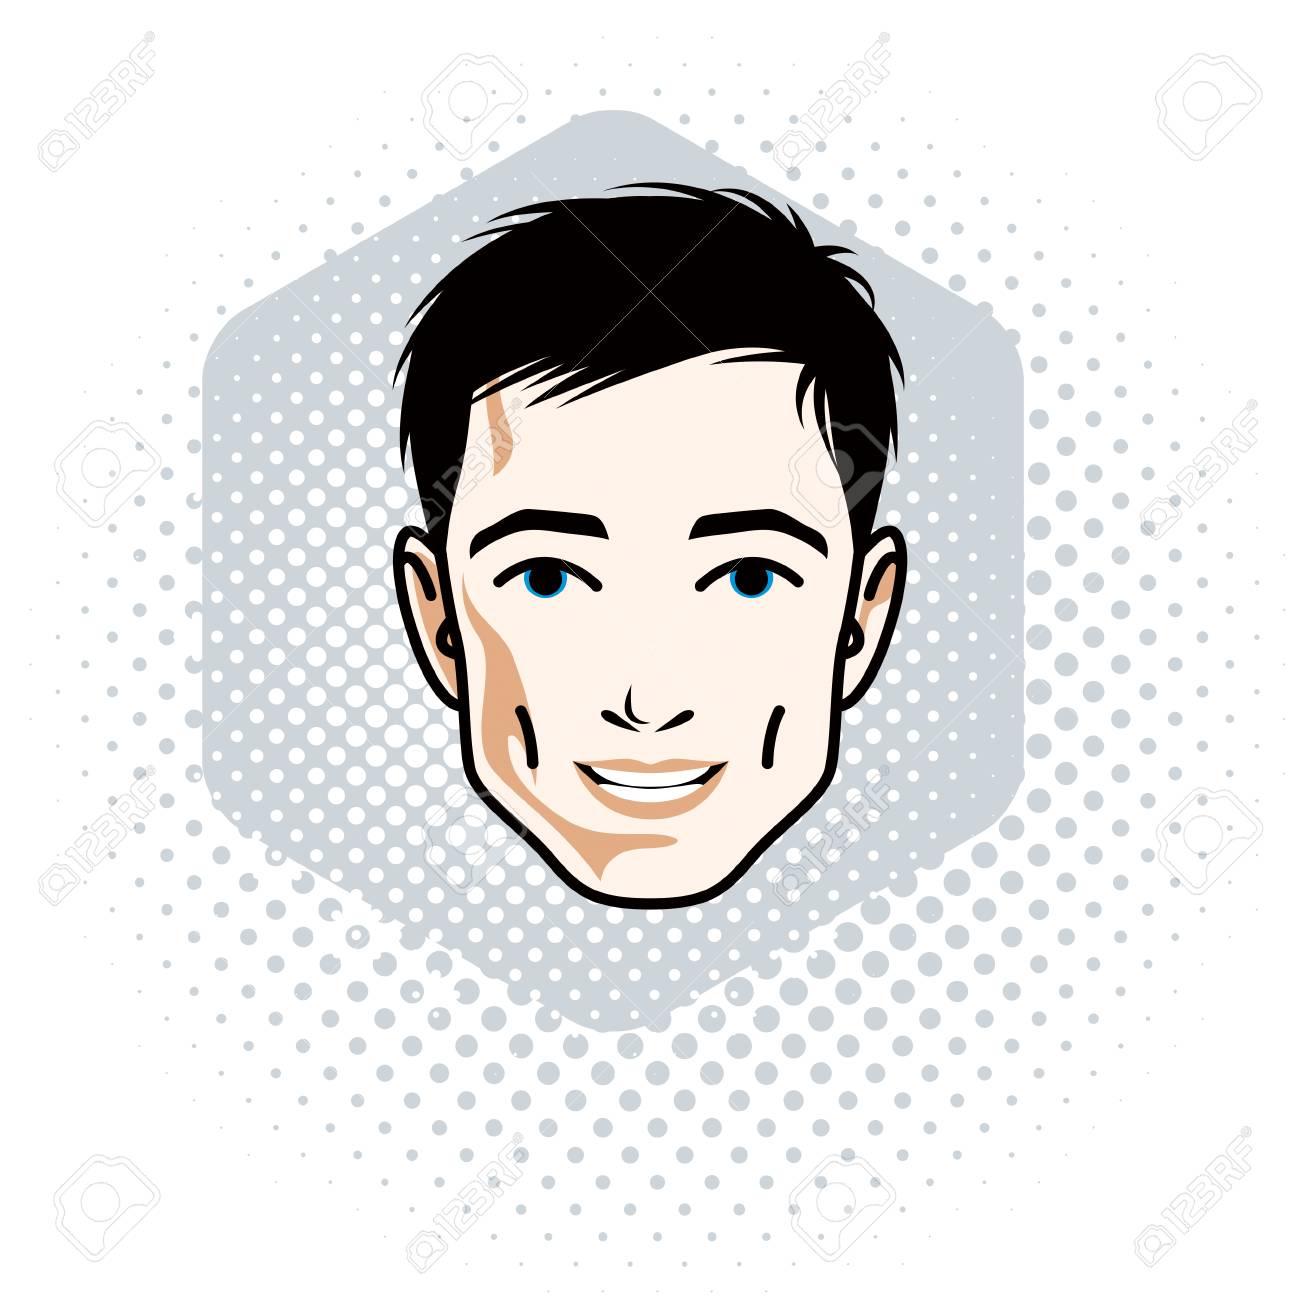 黒髪のハンサムな男性顔正面機能アートのベクトル イラストの